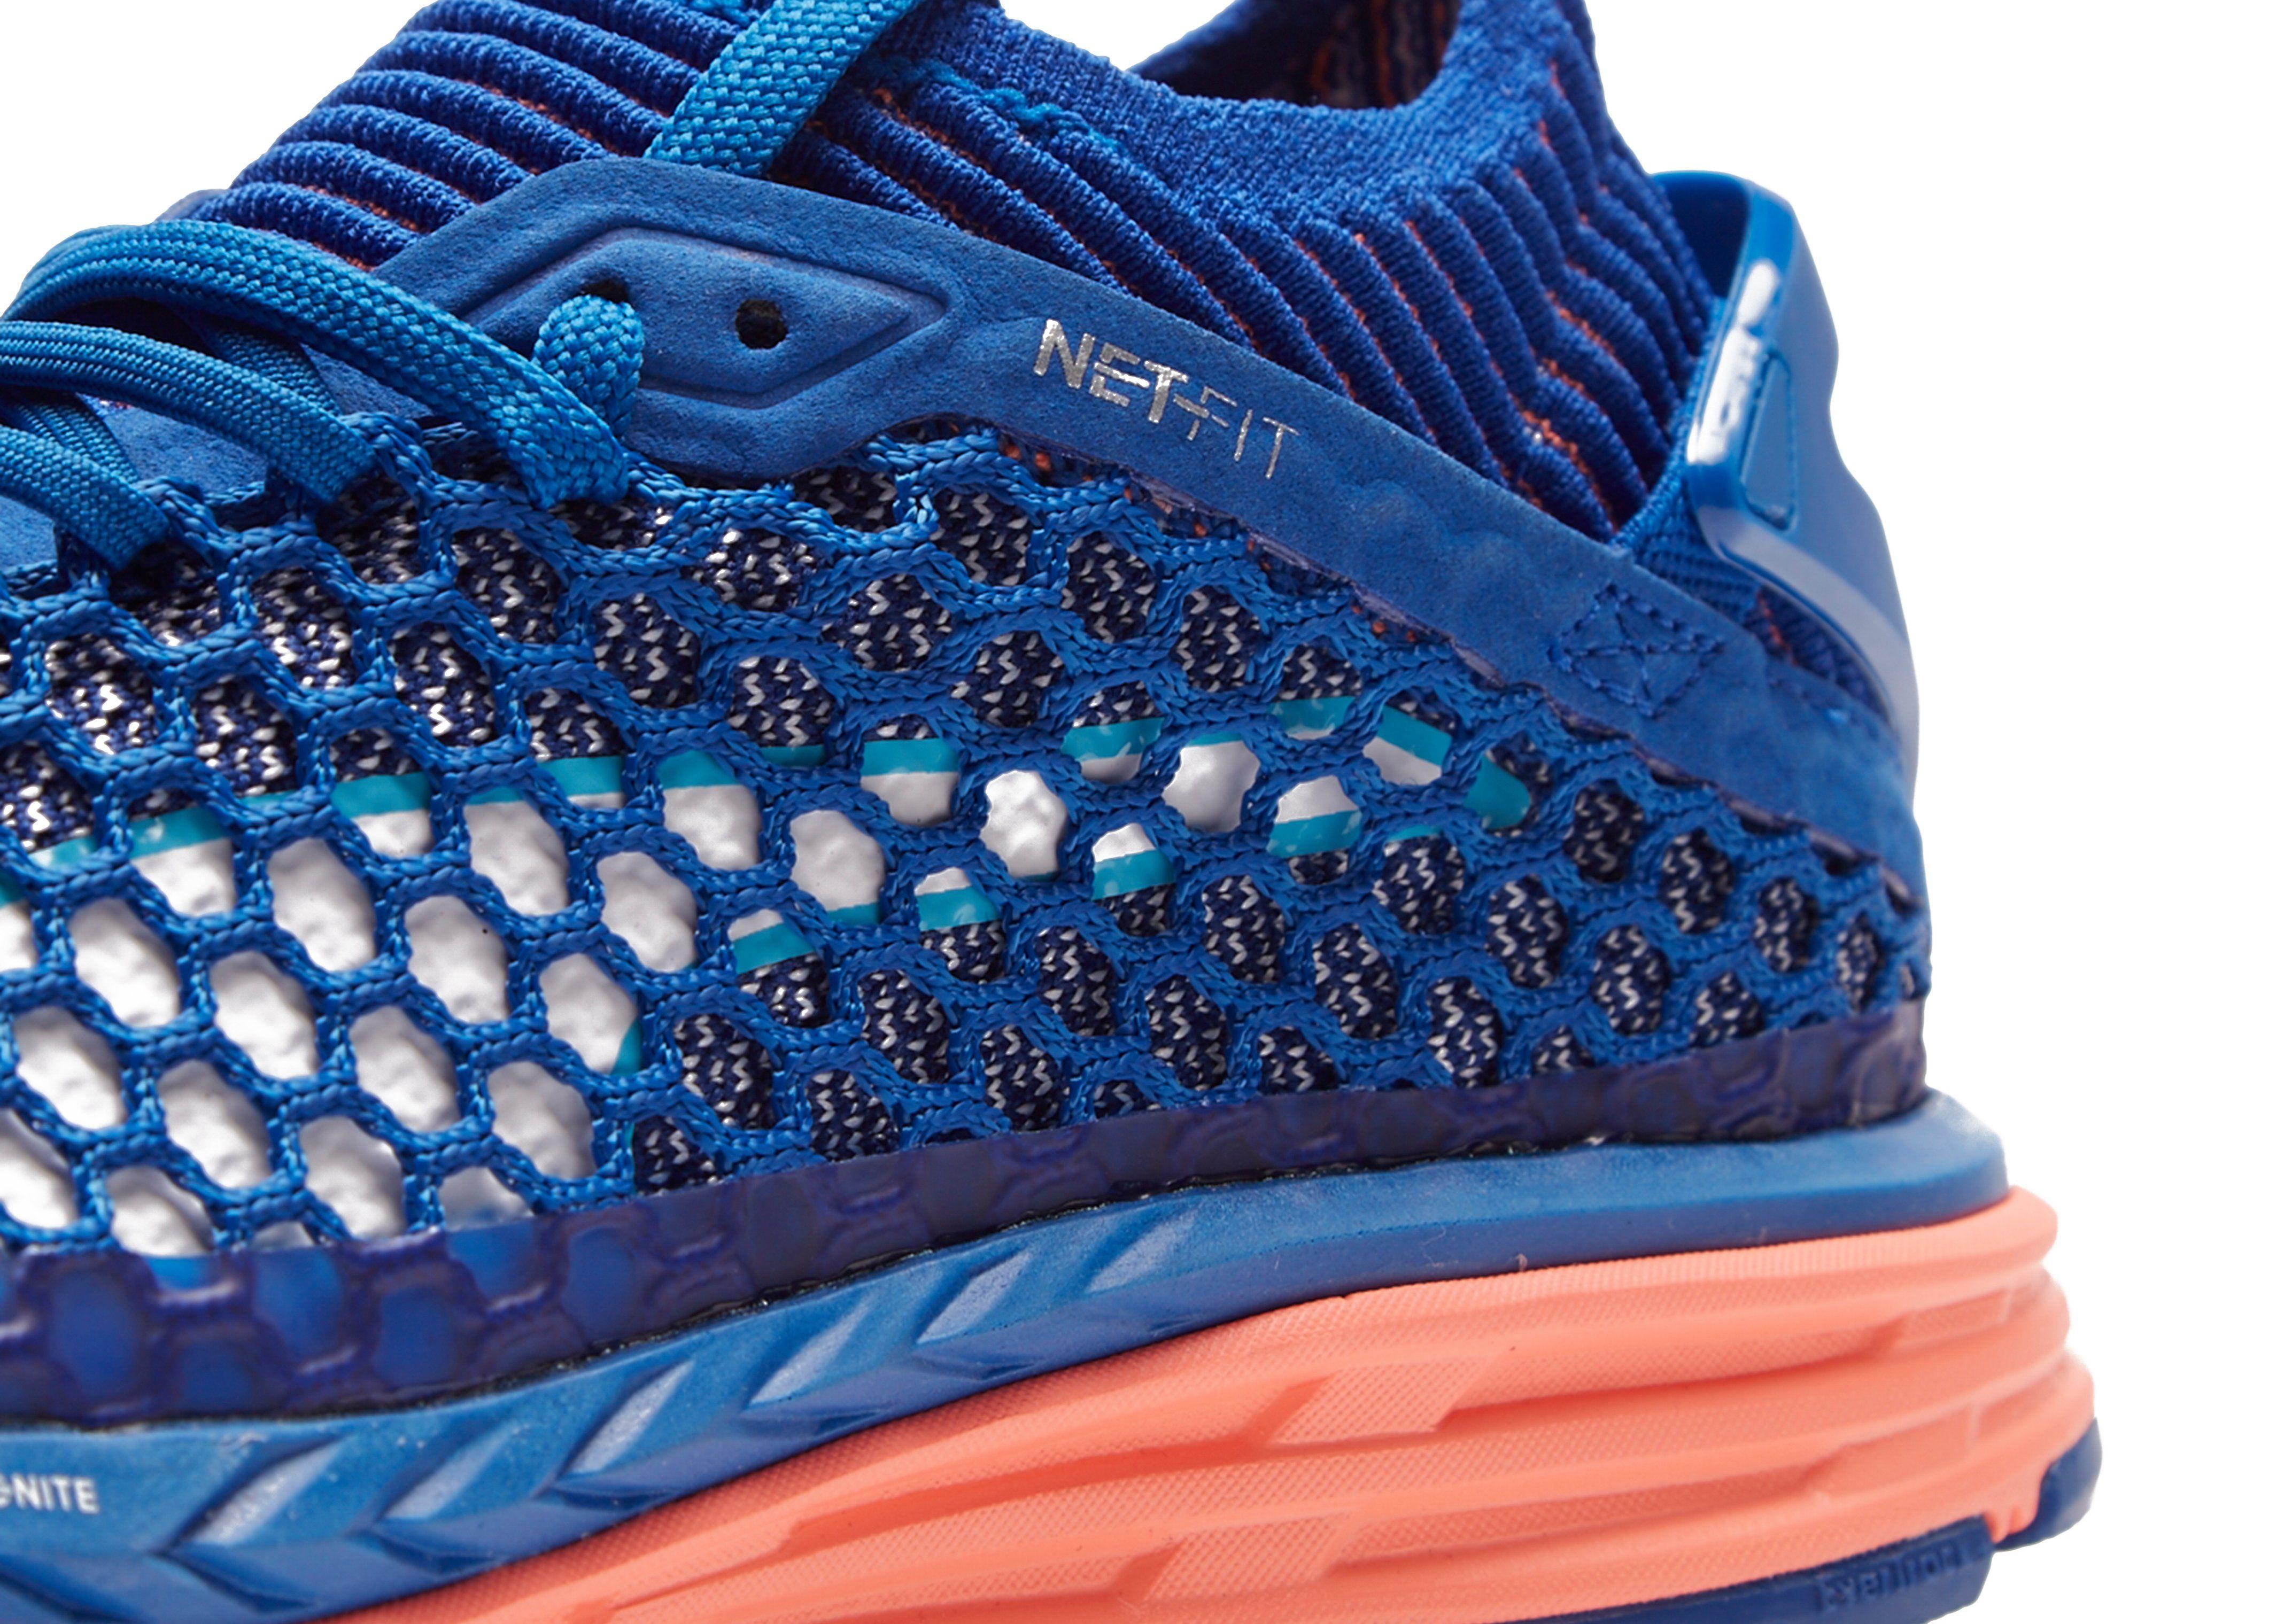 PUMA Speed Ignite Netfit Running Shoes Women's